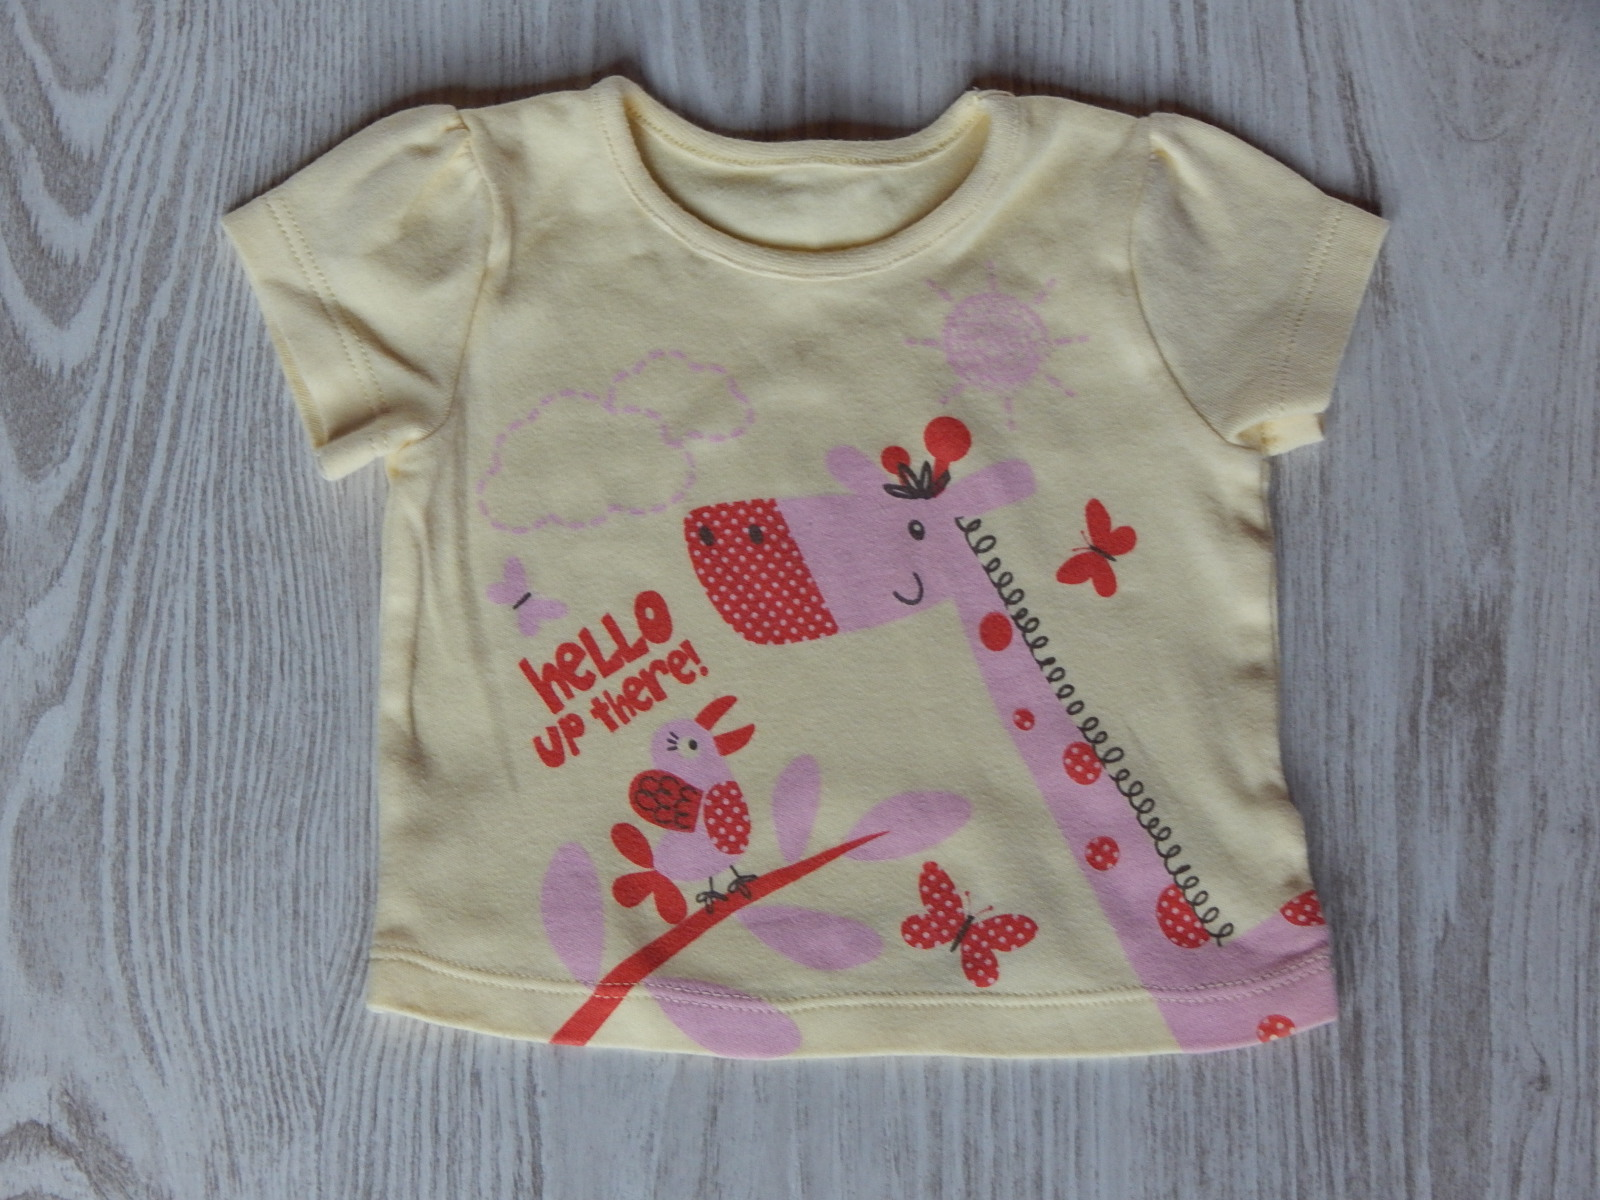 4491d22741 Sárga zsiráfos póló [62 (0-3 hó) / Lány ruhák] :: Lótusz Gyerekruha ...